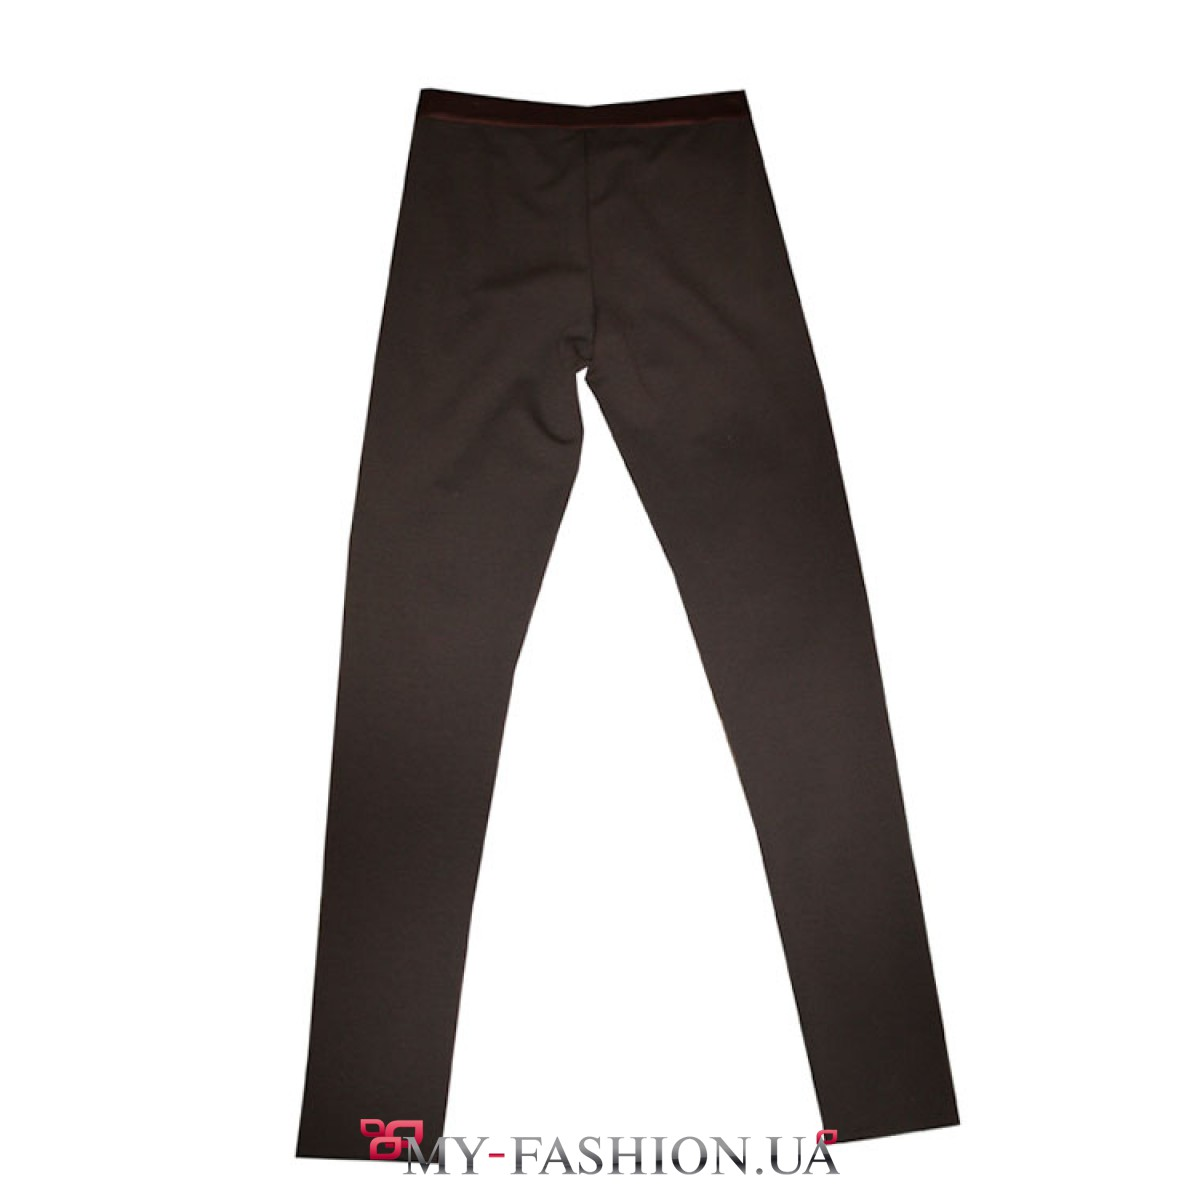 Модные модели брюк доставка